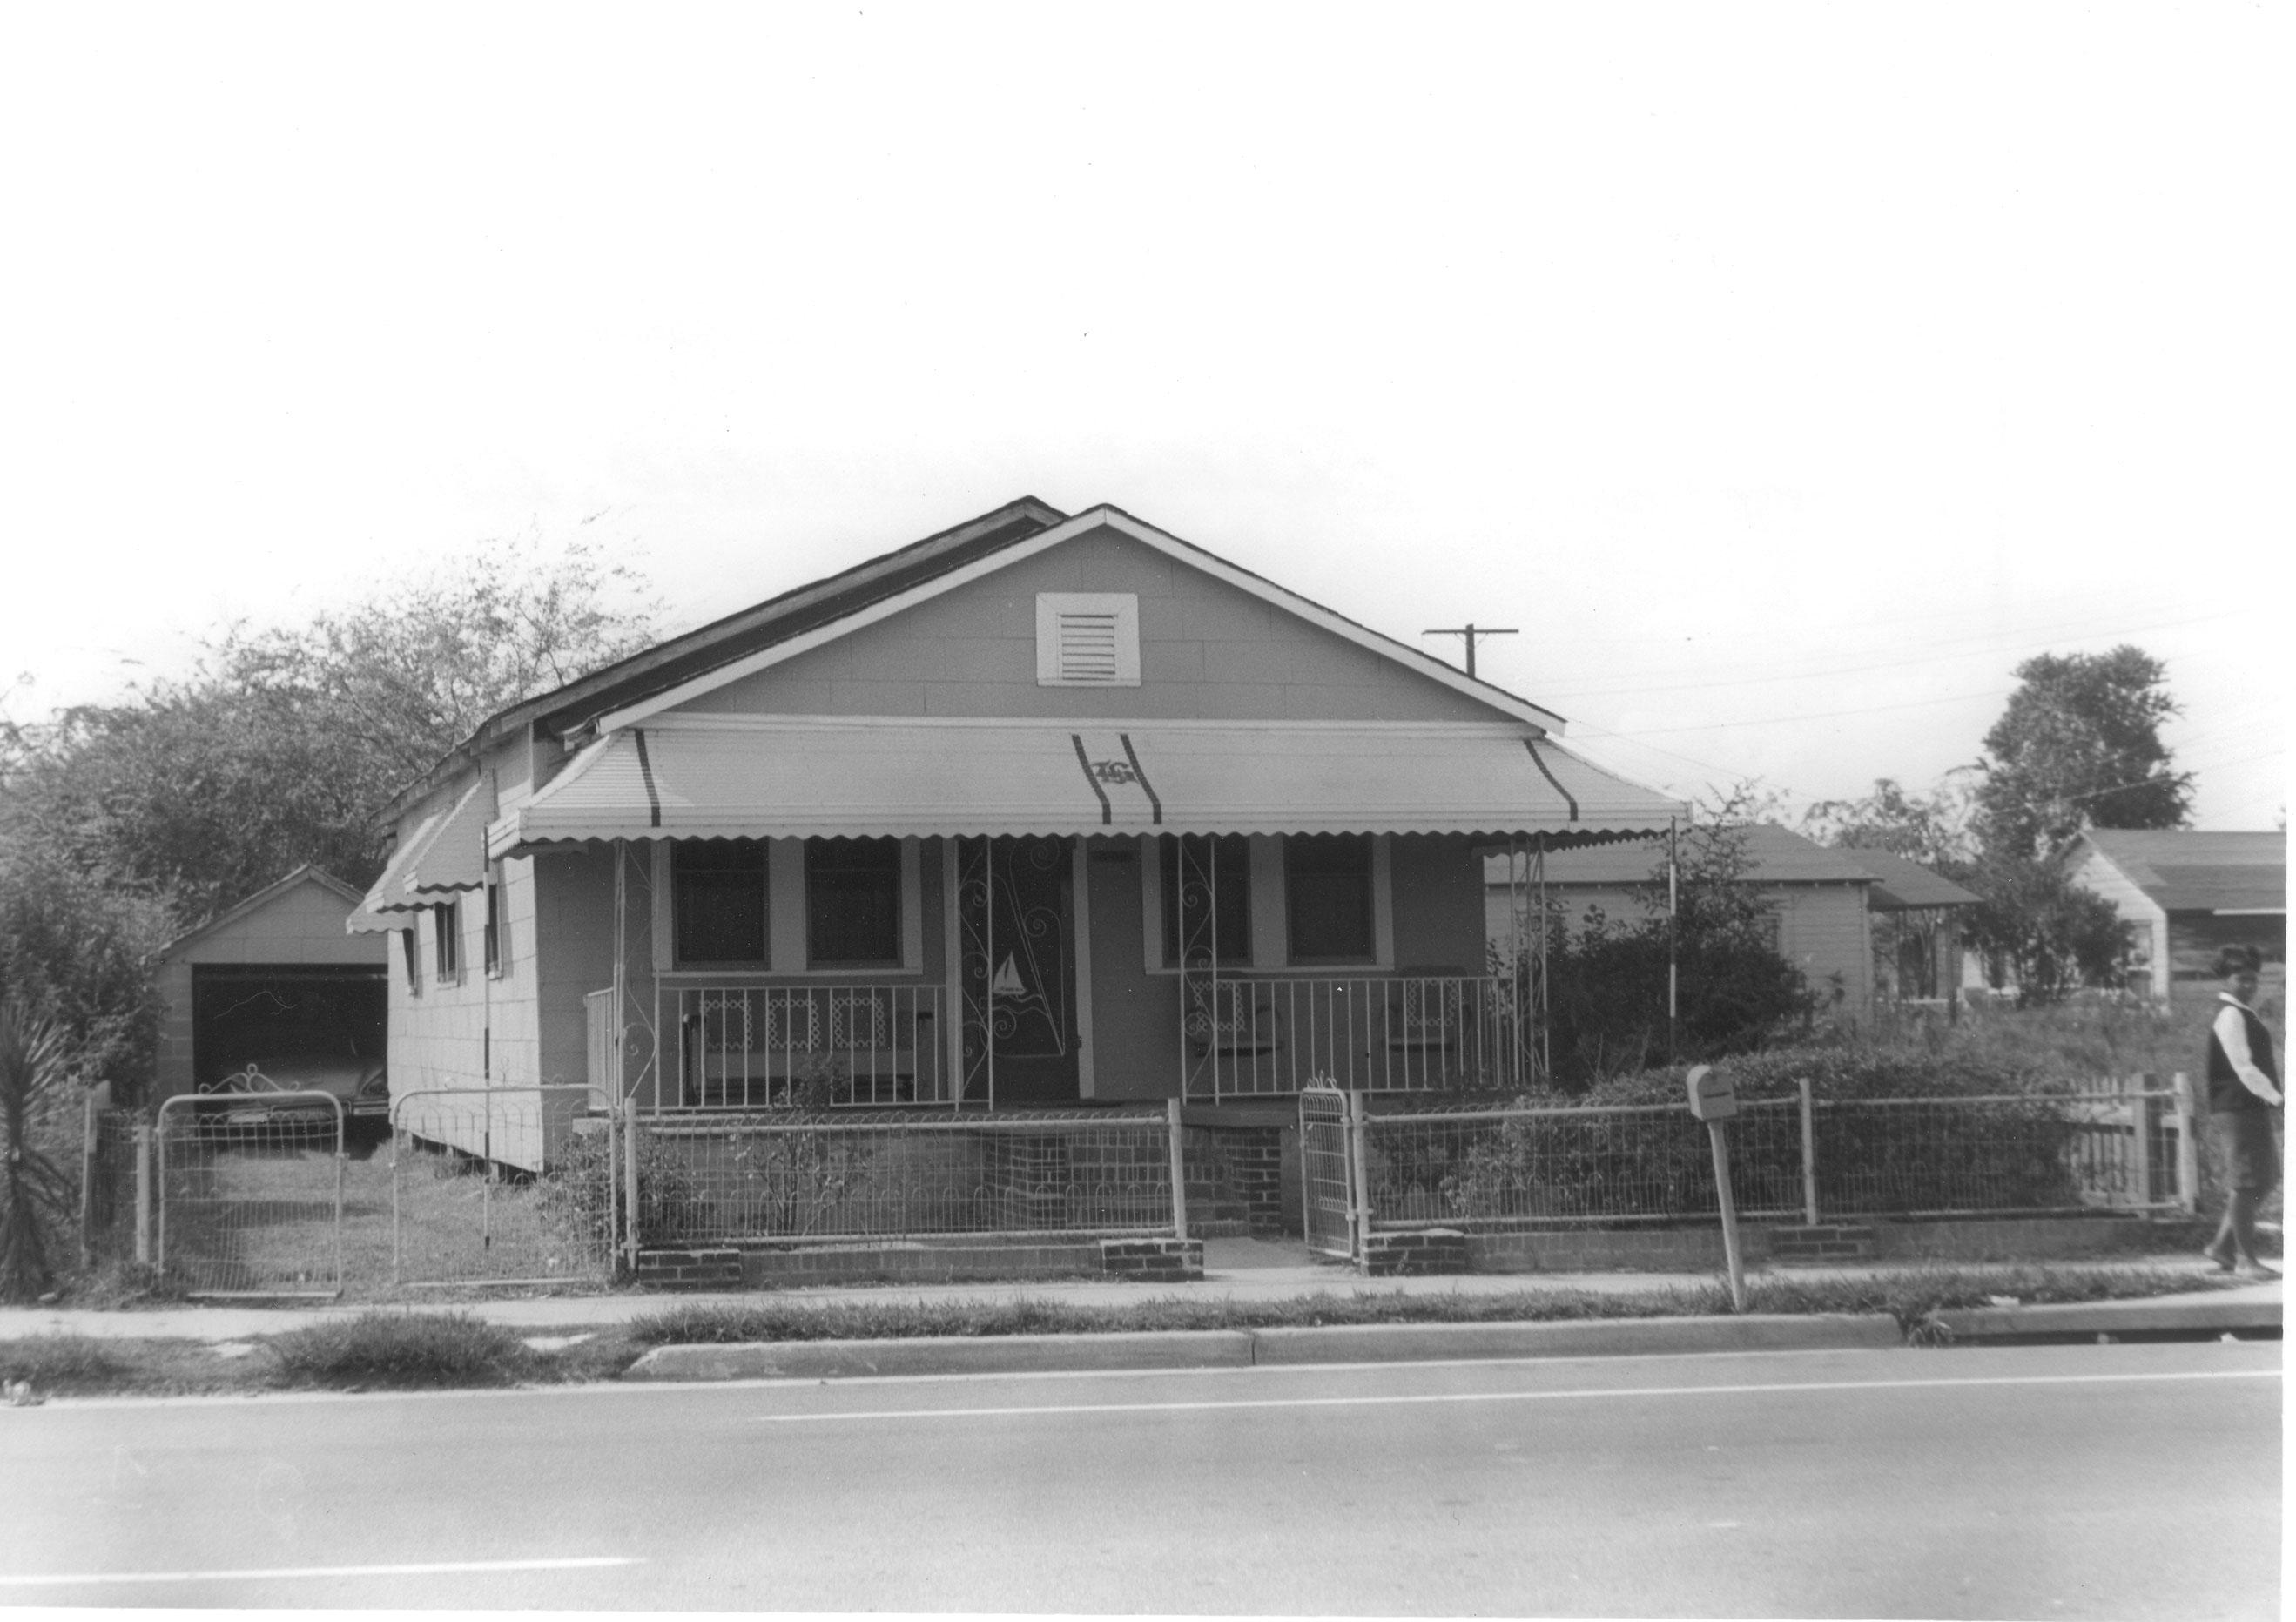 I-26 Photo 1058